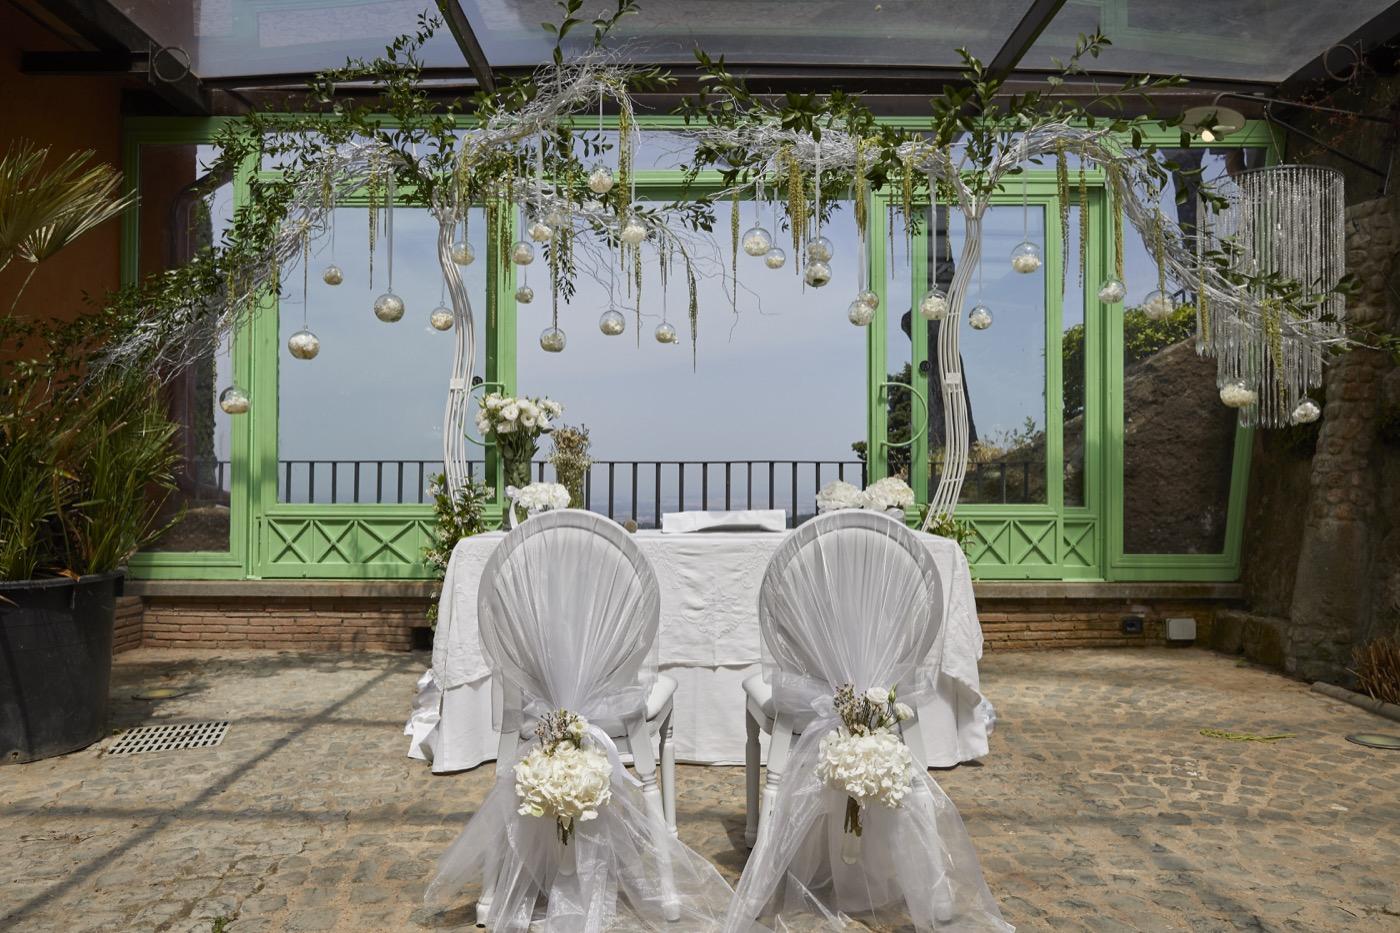 Claudio-Coppola-wedding-photographer-villa-del-cardinale-rocca-di-papa-castel-gandolfo-3